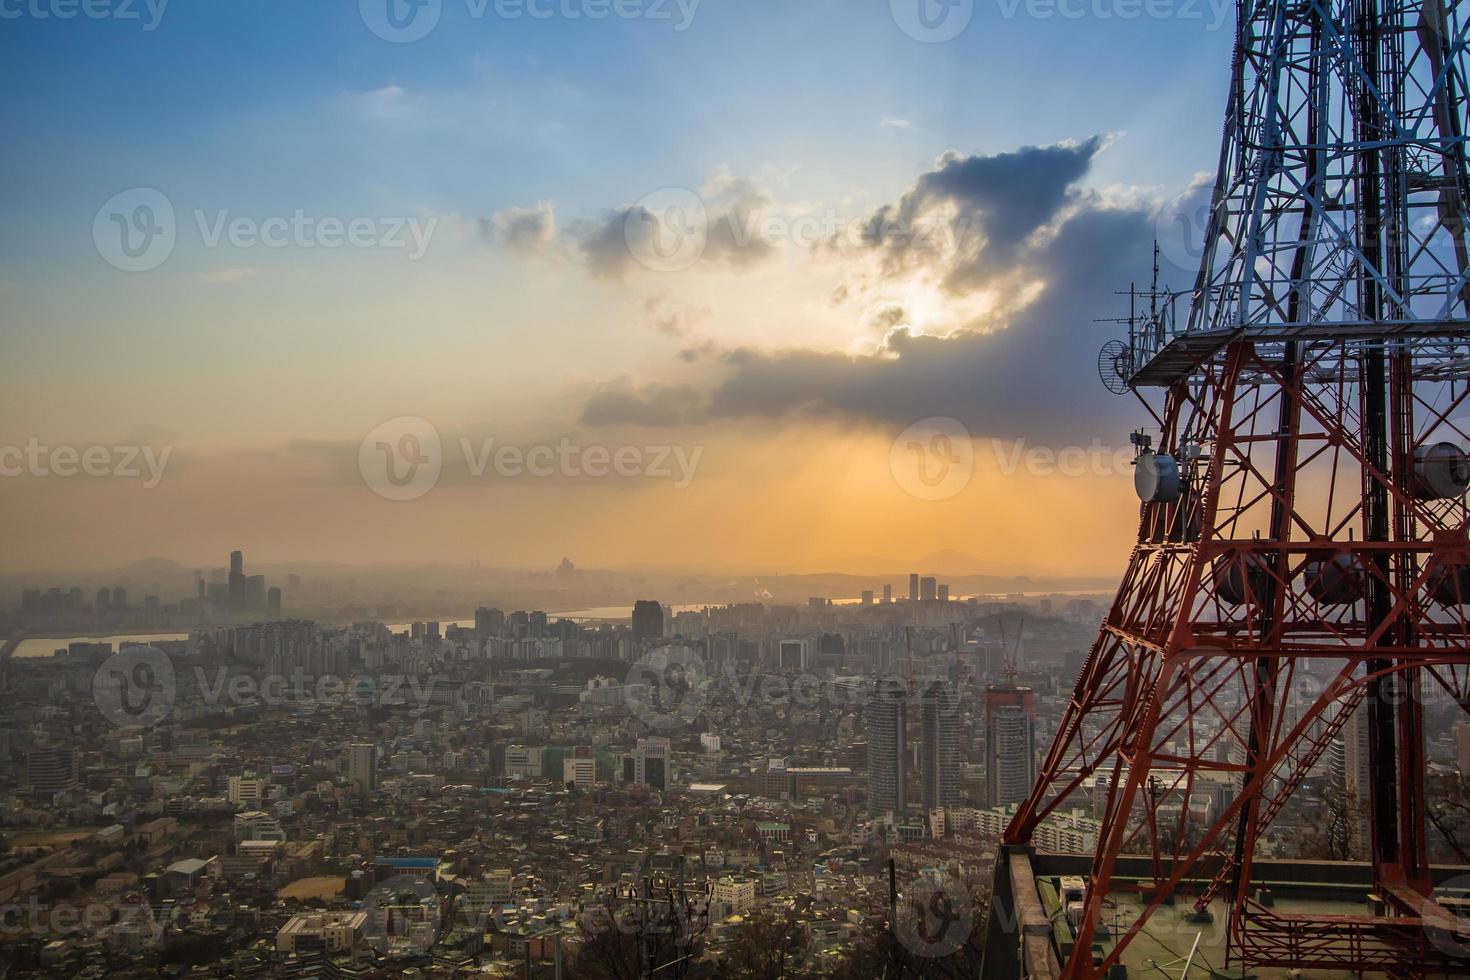 vista da cidade de seul na torre n seoul na coreia do sul foto